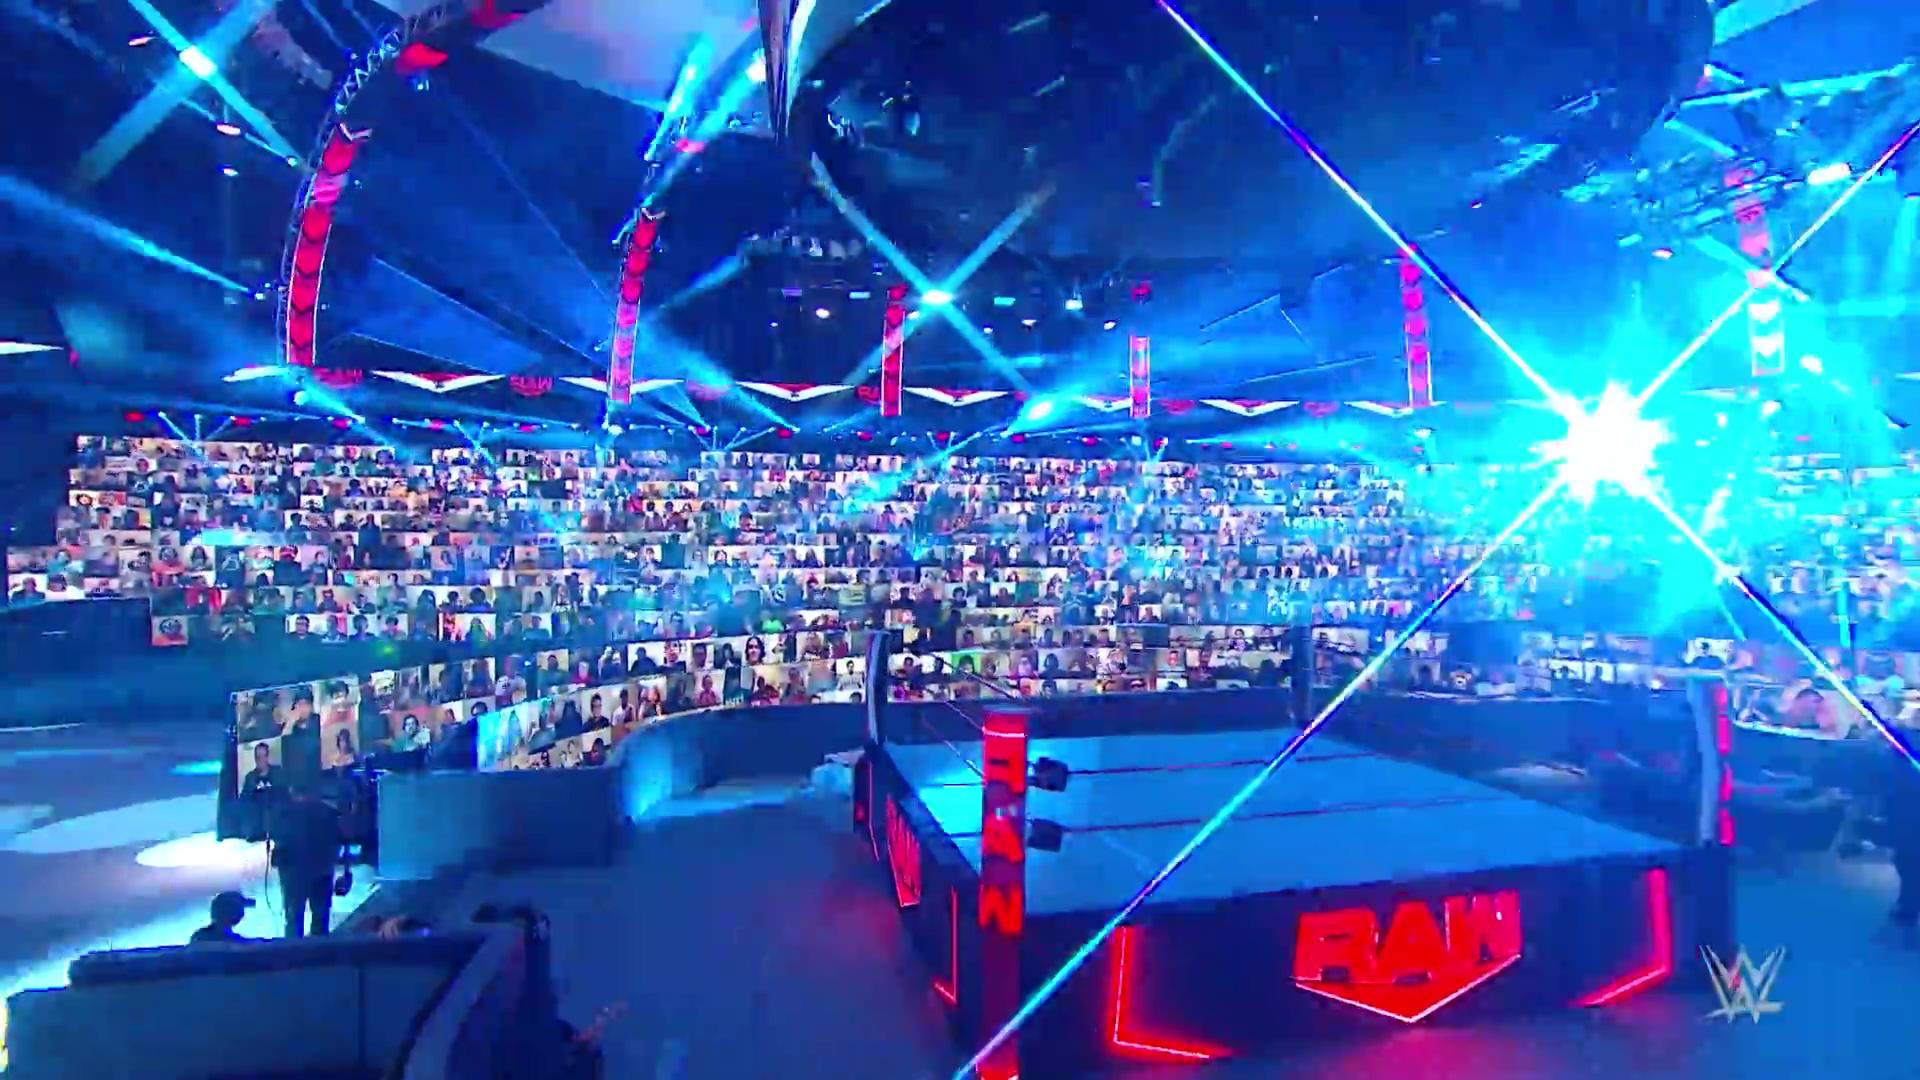 FrozenMountain_WWE_VirtualFansLive-2-thumb